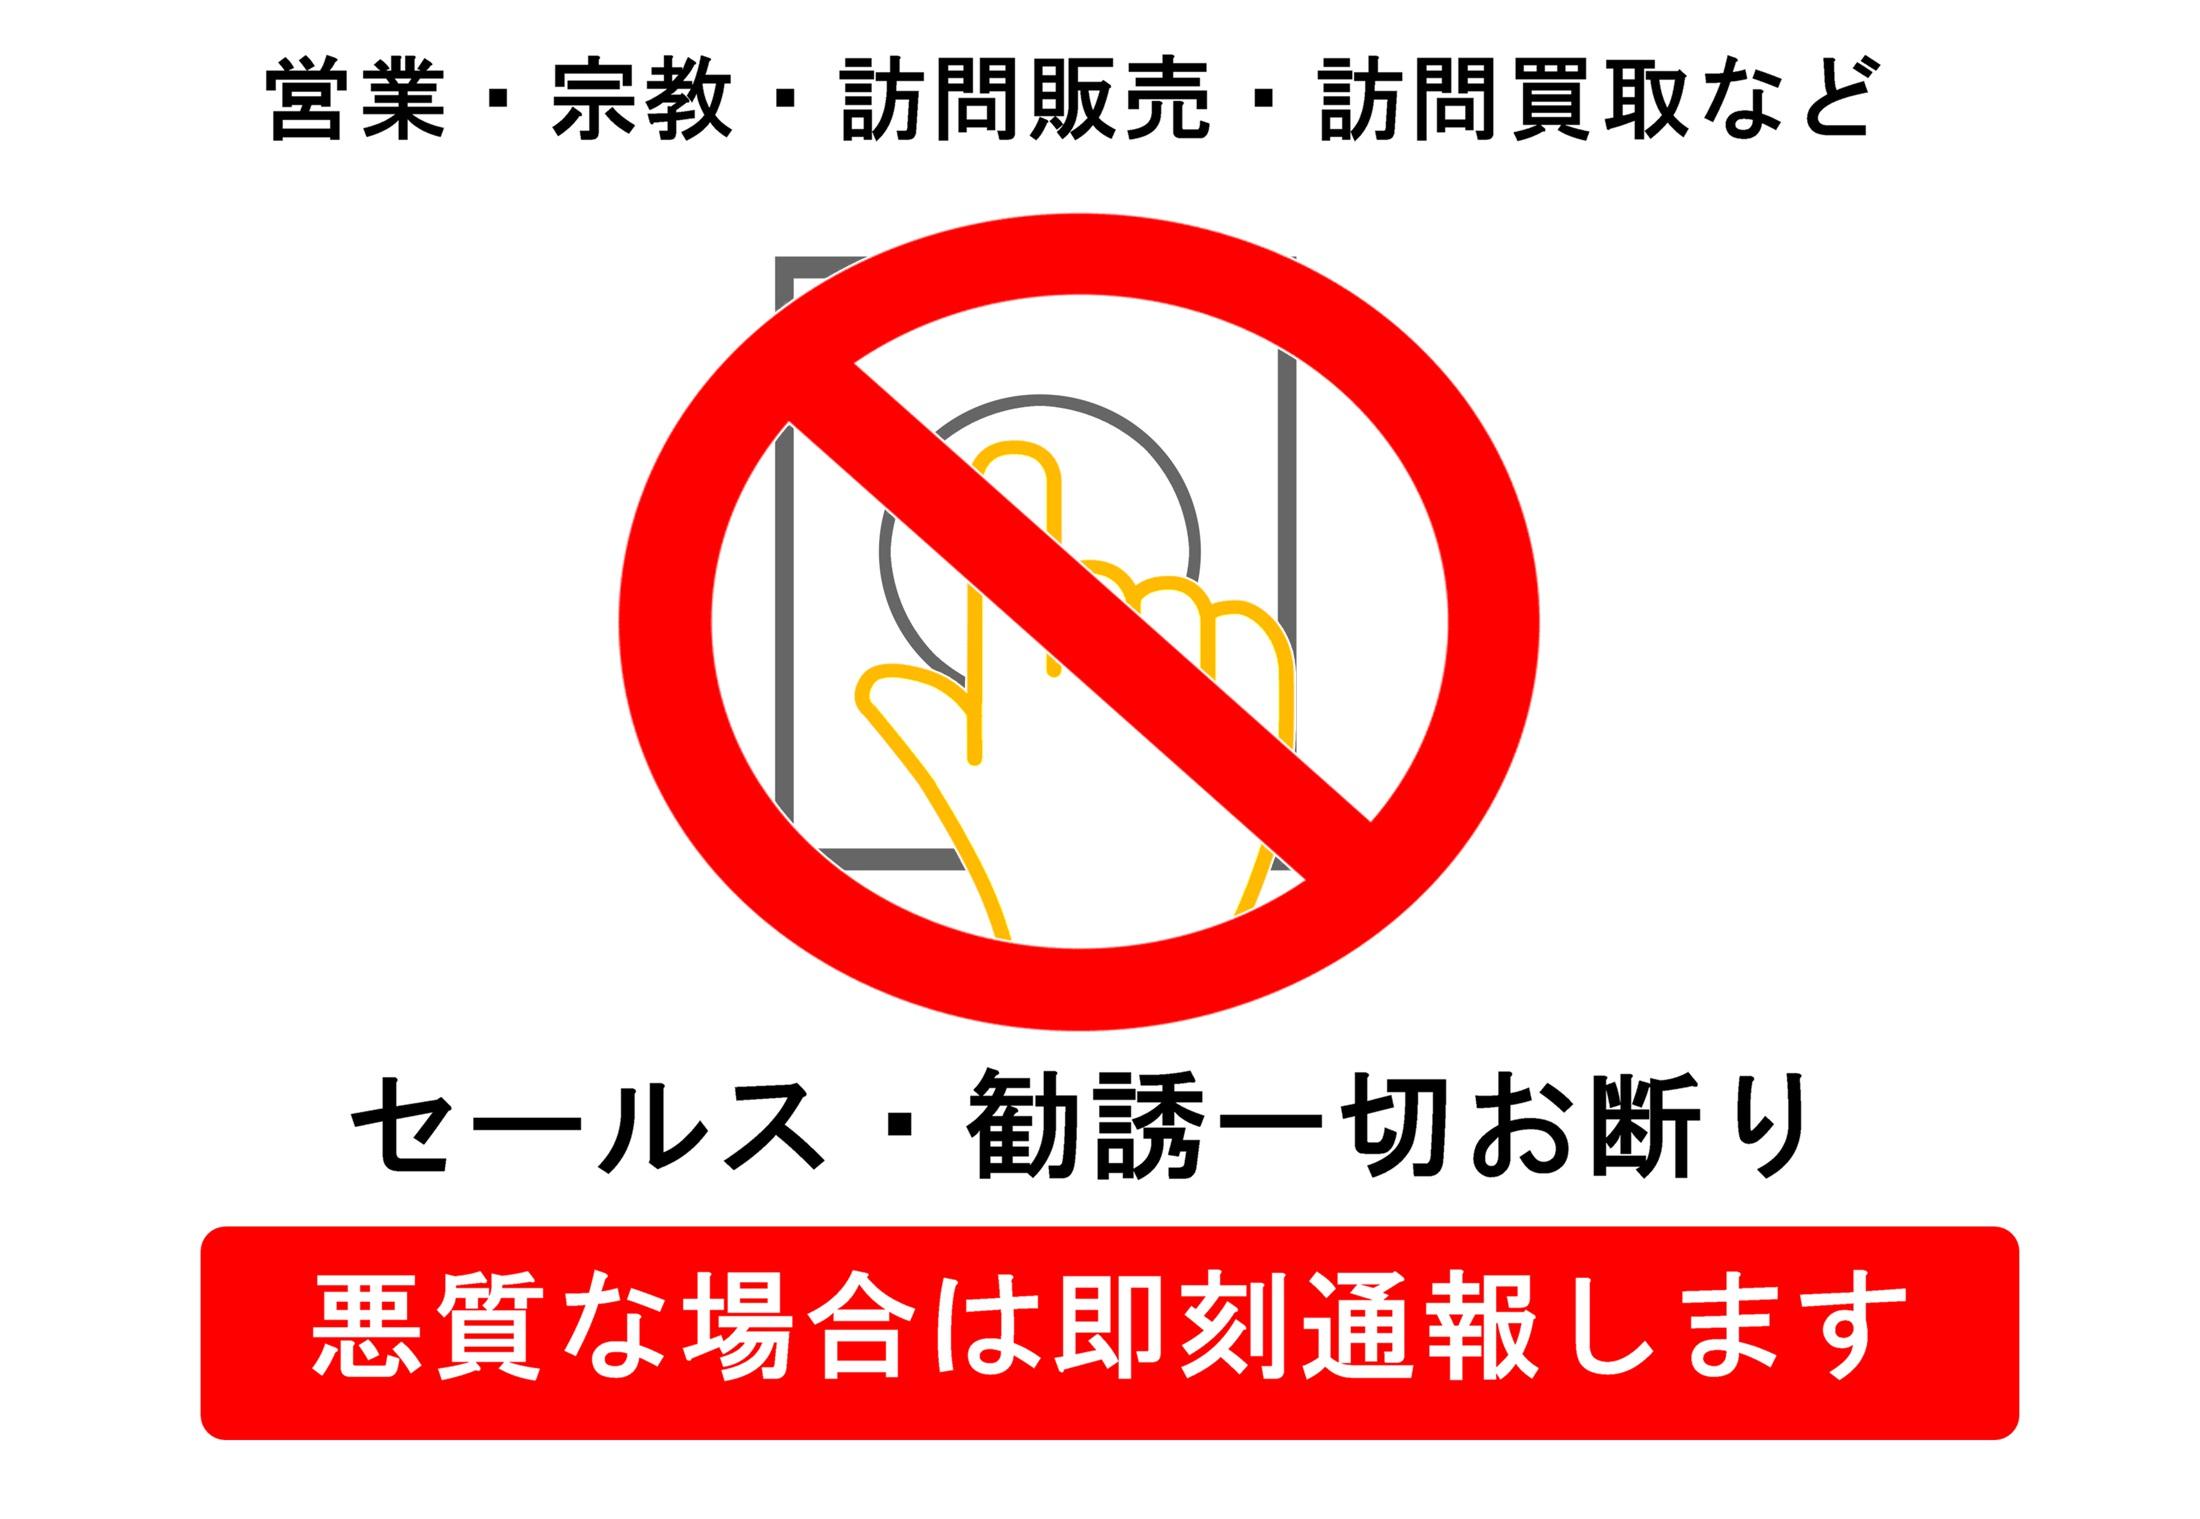 強く警告、セールス勧誘お断りステッカー素材(使用は無料・フリー、再配布や無断転載は禁止)